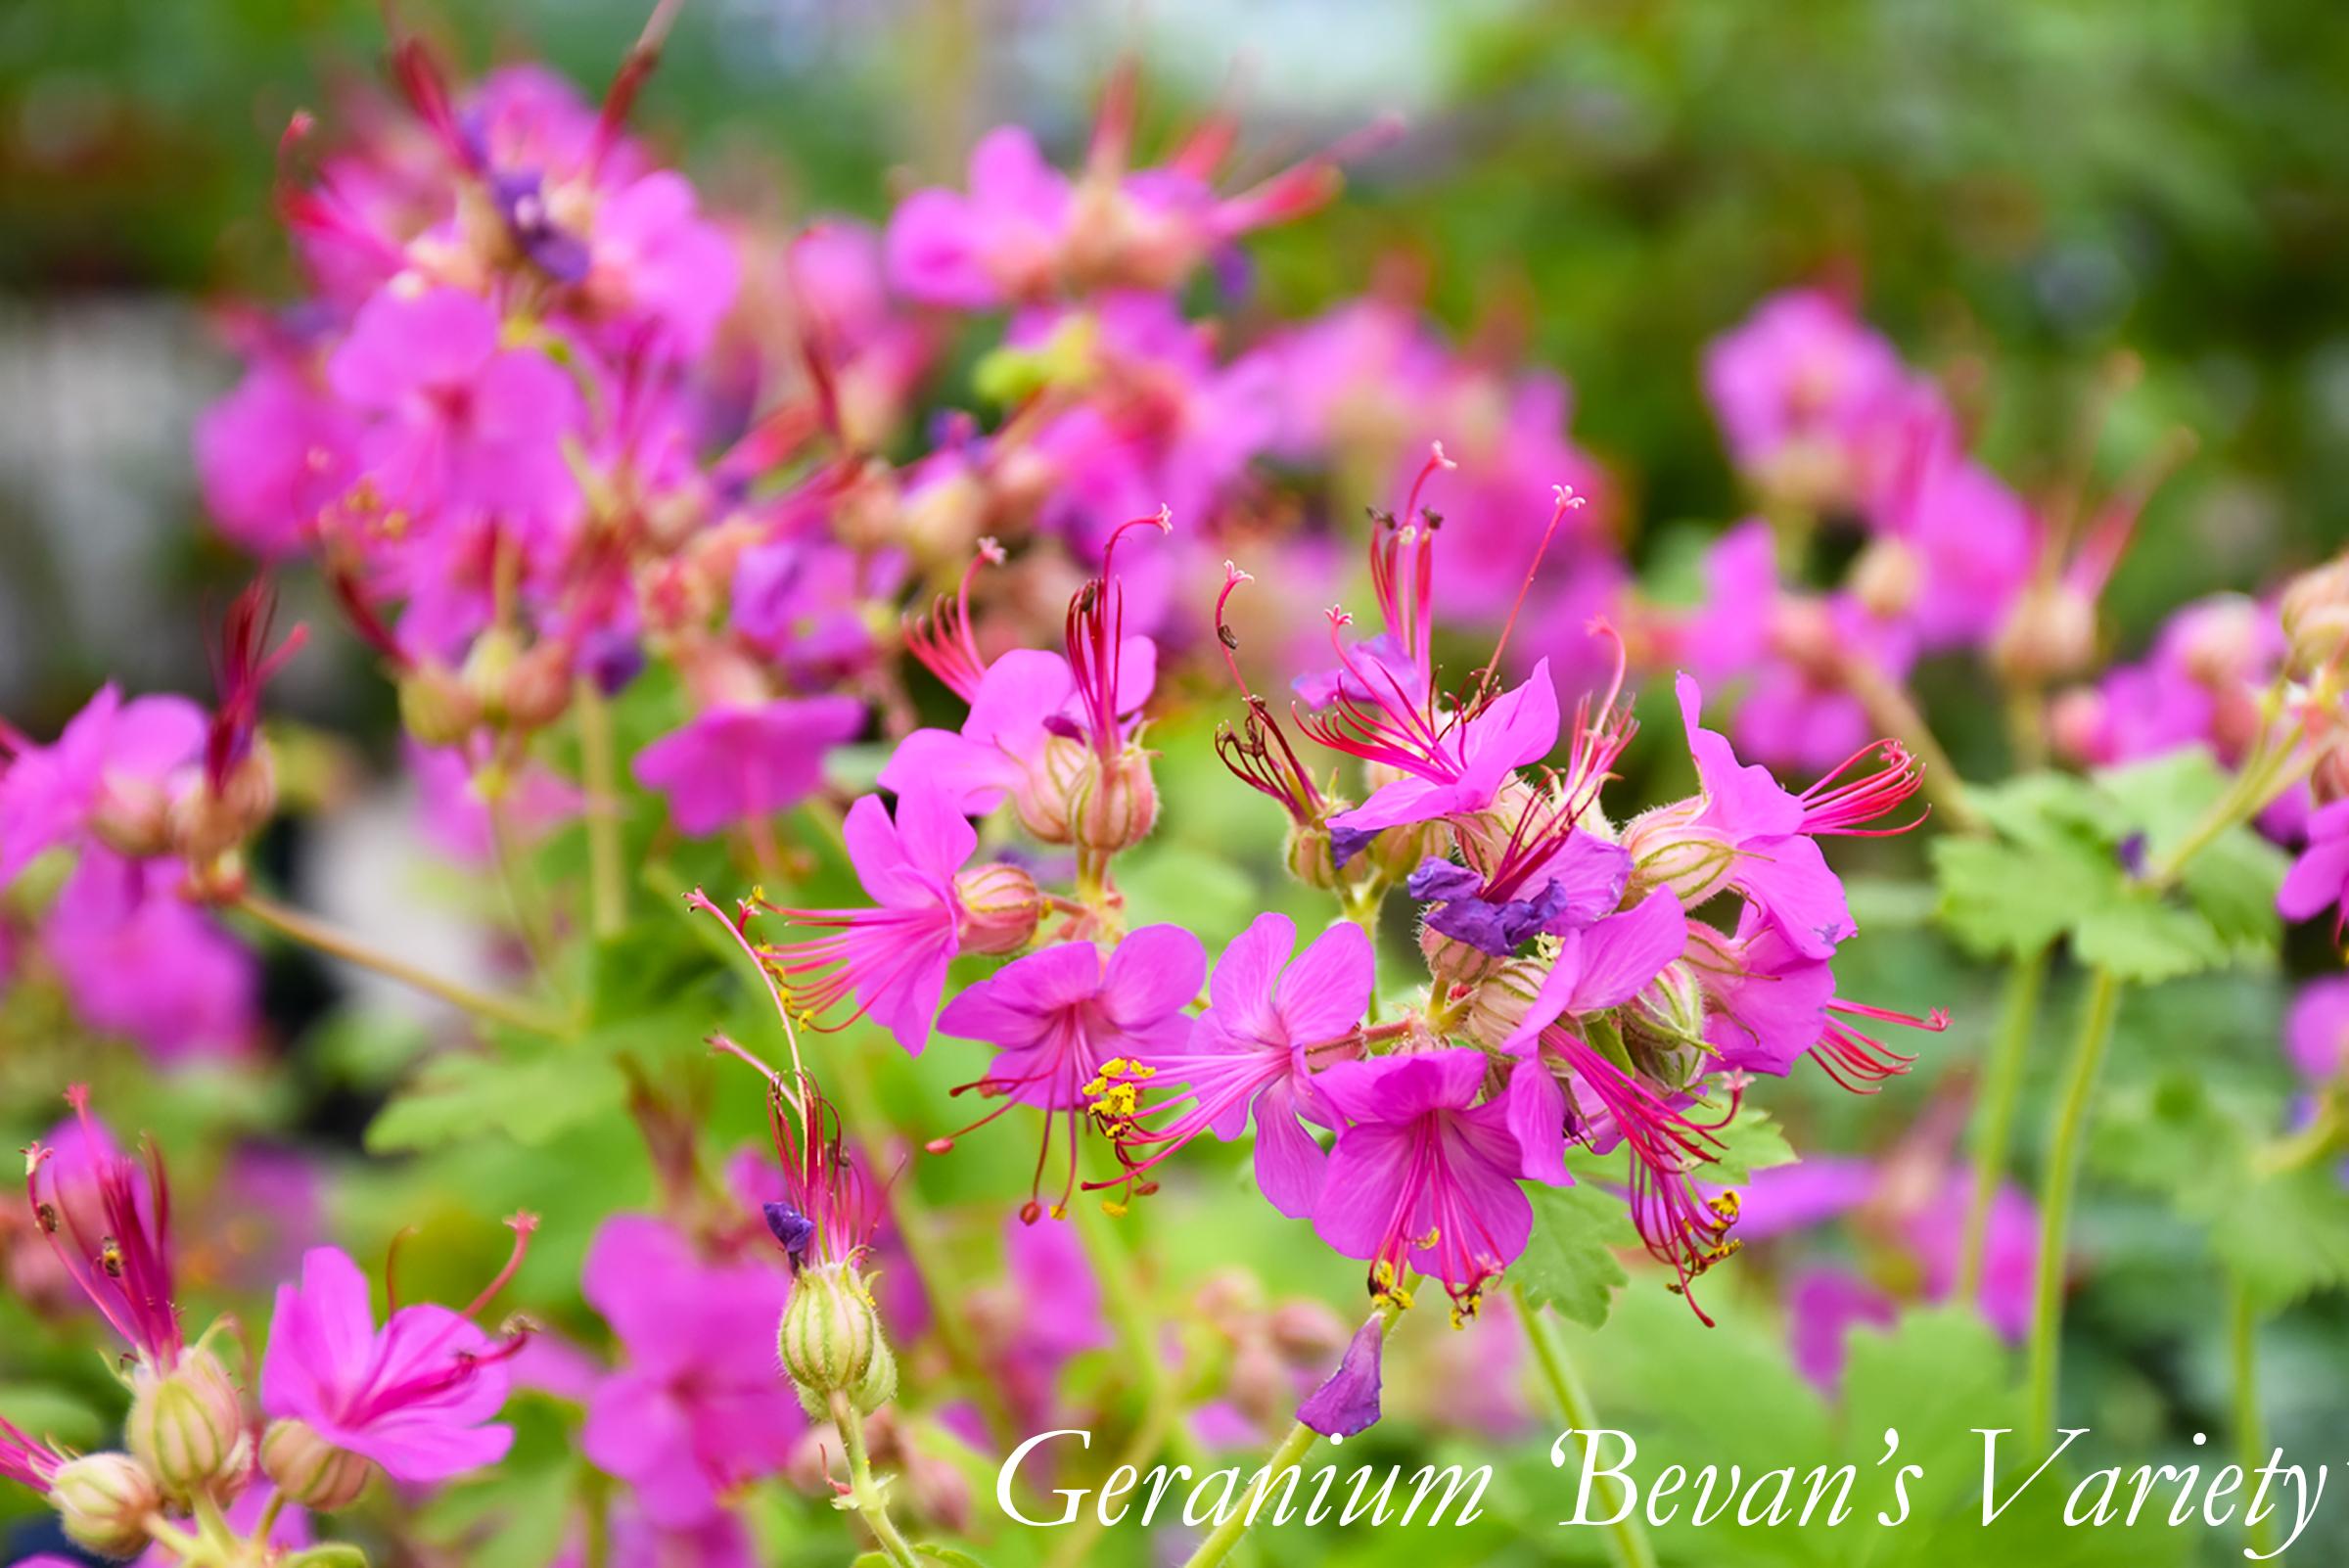 Geranium Cranesbill Bevan's Variety